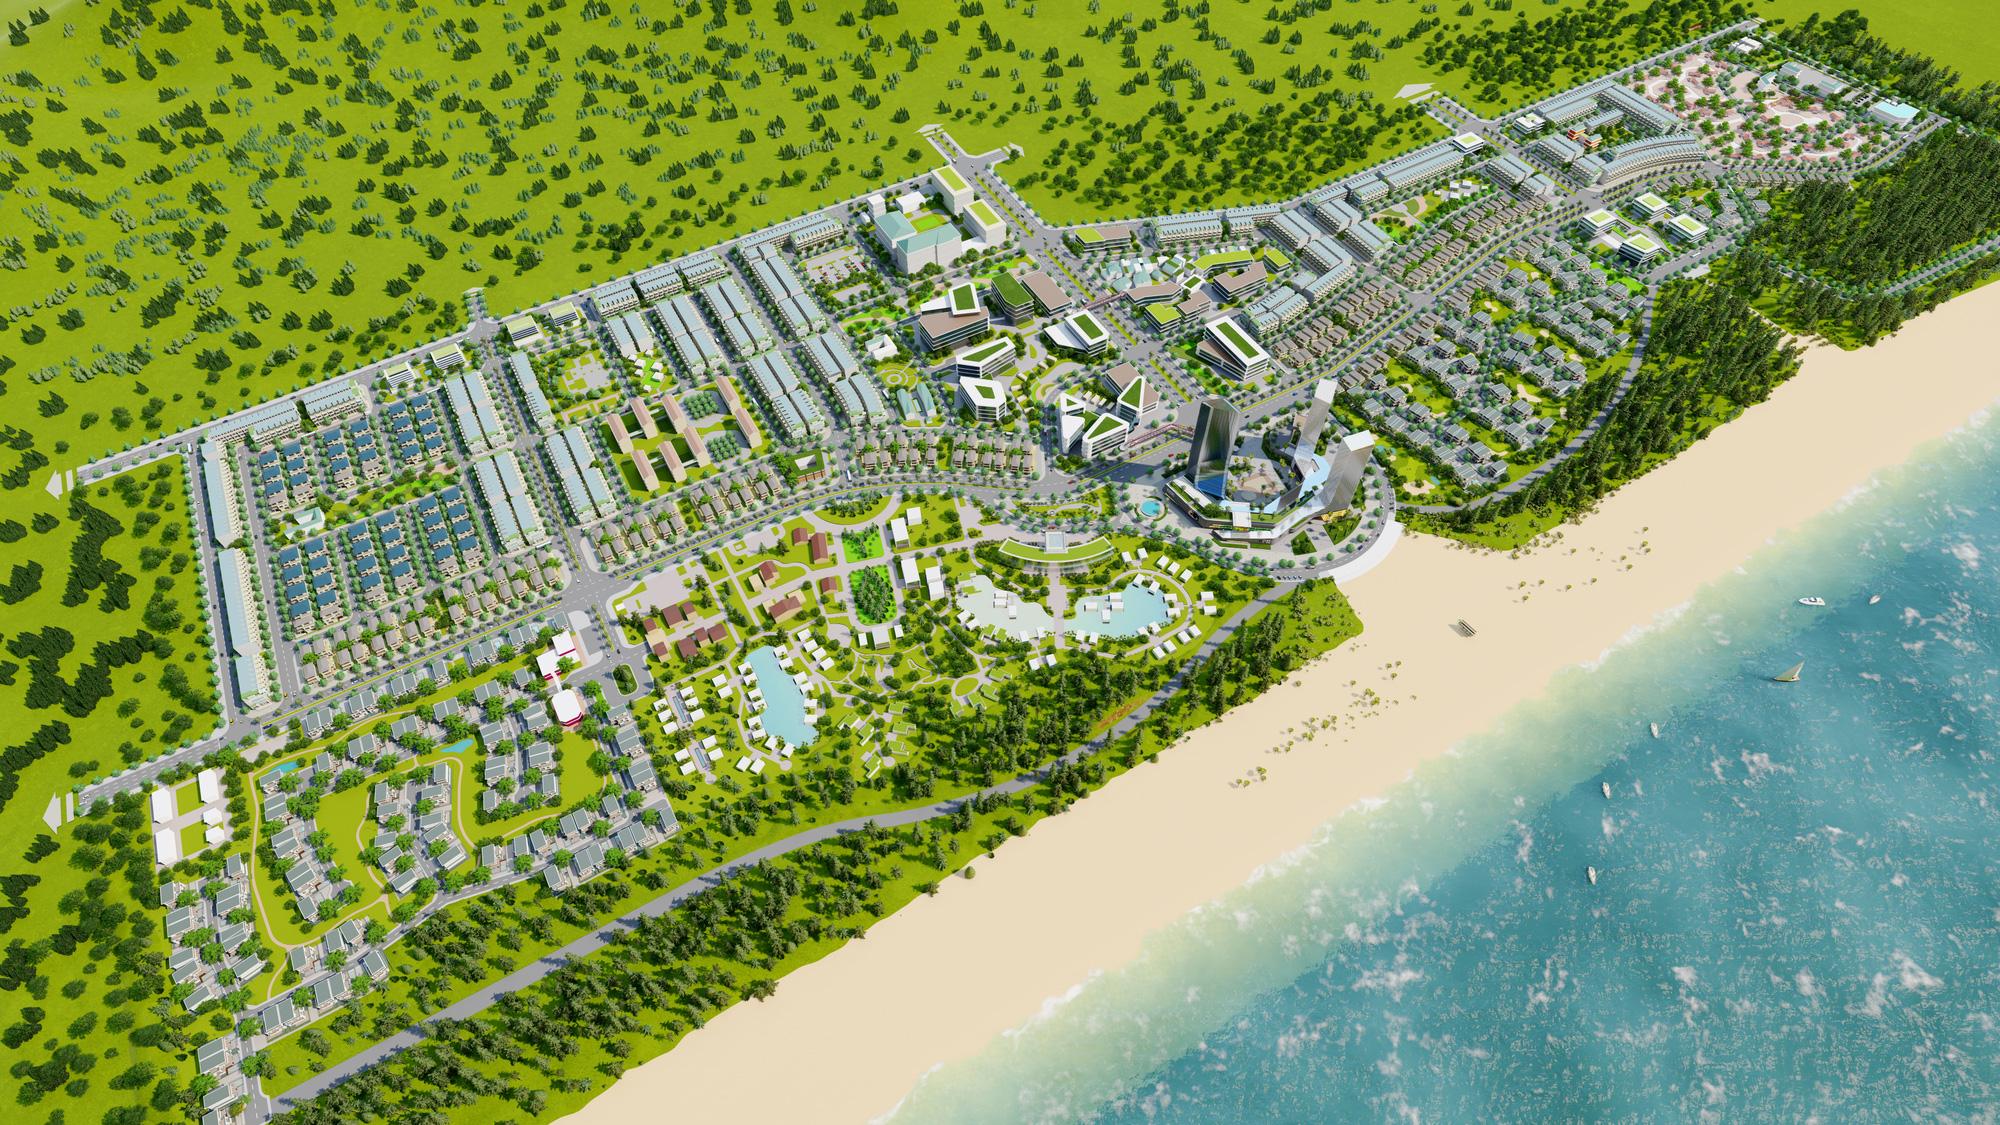 T&T Group khởi công xây dựng khu du lịch sinh thái biển tại Nghi Sơn - Thanh Hóa - Ảnh 4.